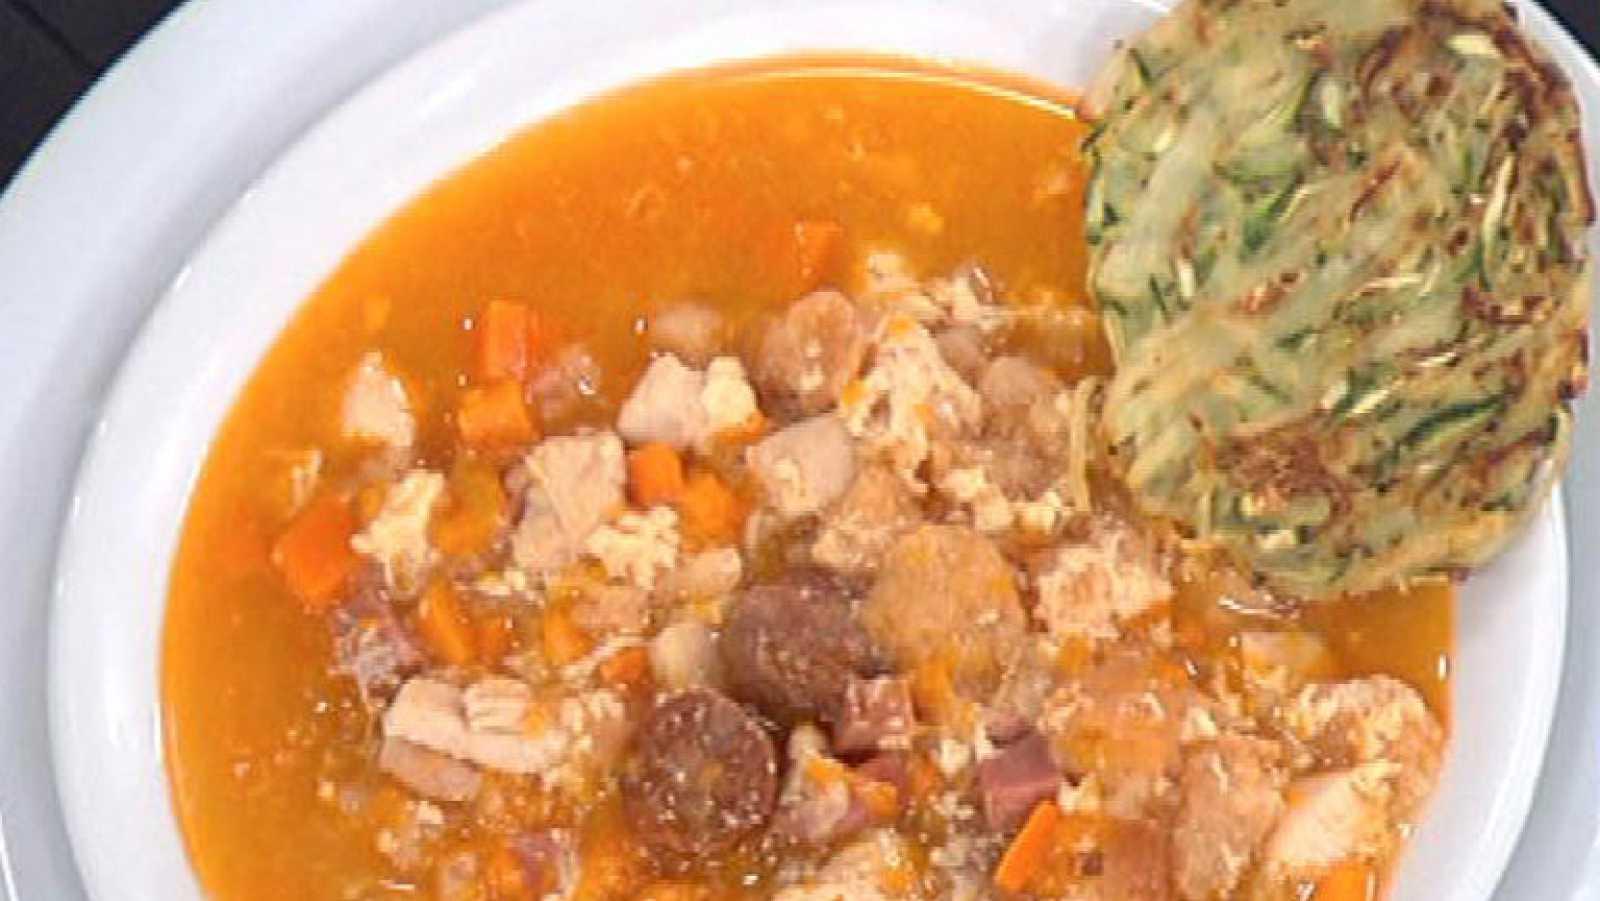 Sopa castellana con tortillas de calabacín y patata (29/11/2011)